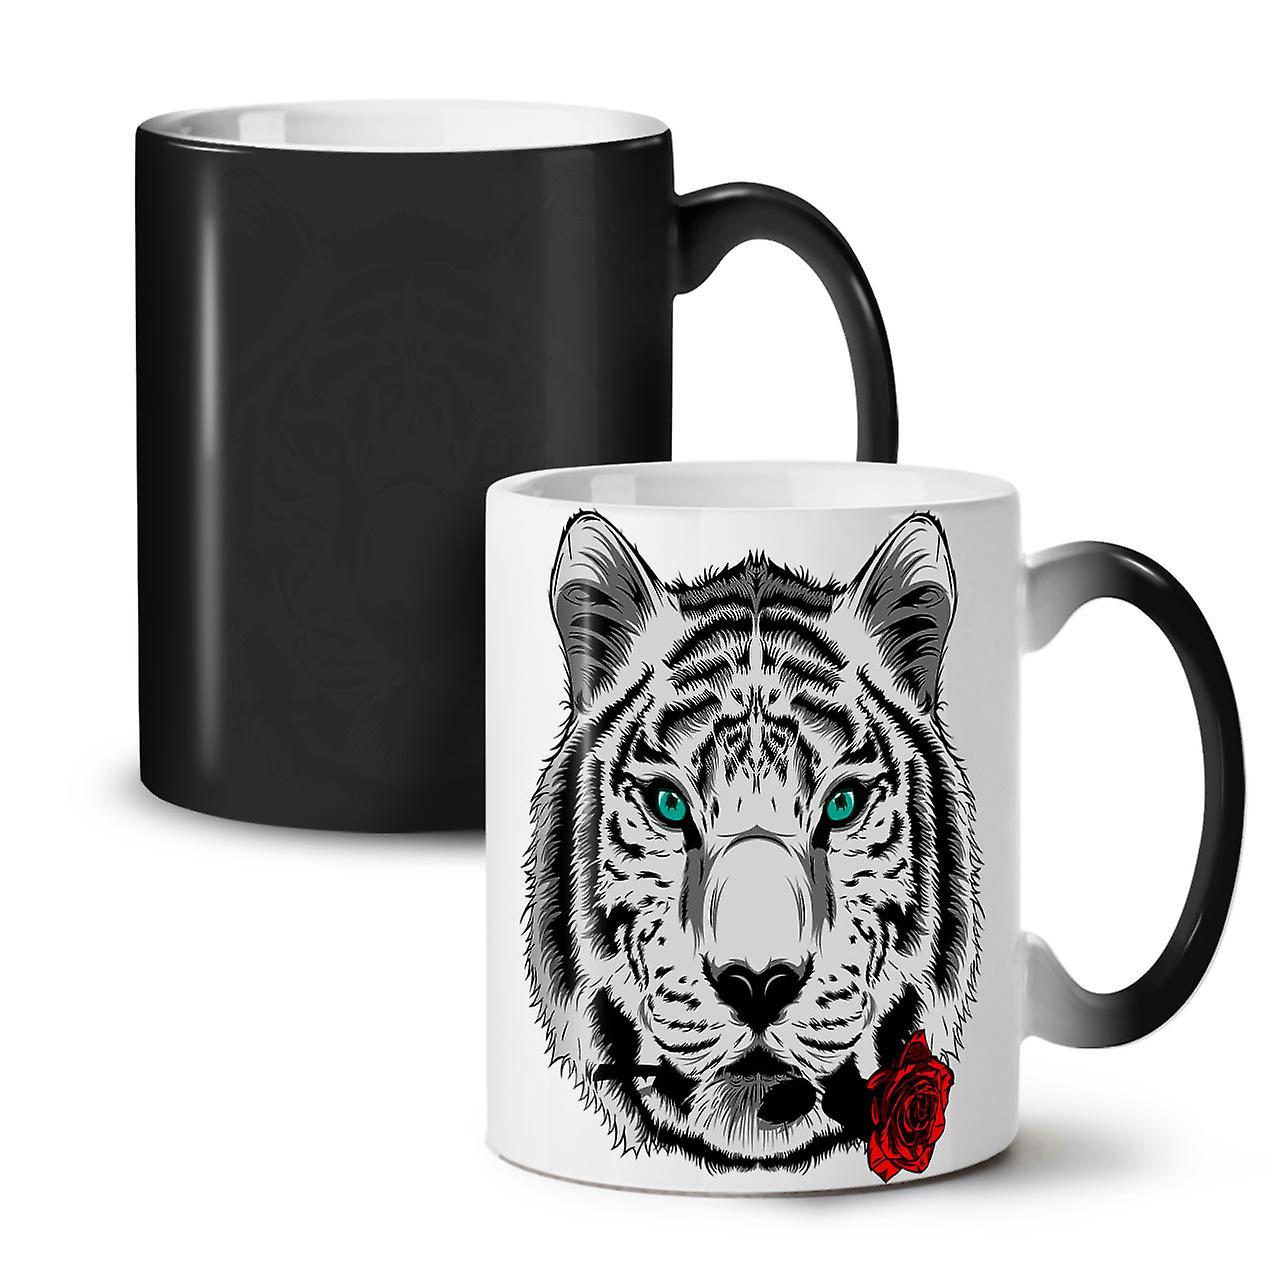 Thé Tiger Coloris Céramique Nouveau Changeant 11 Tasse Noir OzWellcoda Romantique Animal Café erQECdBoWx